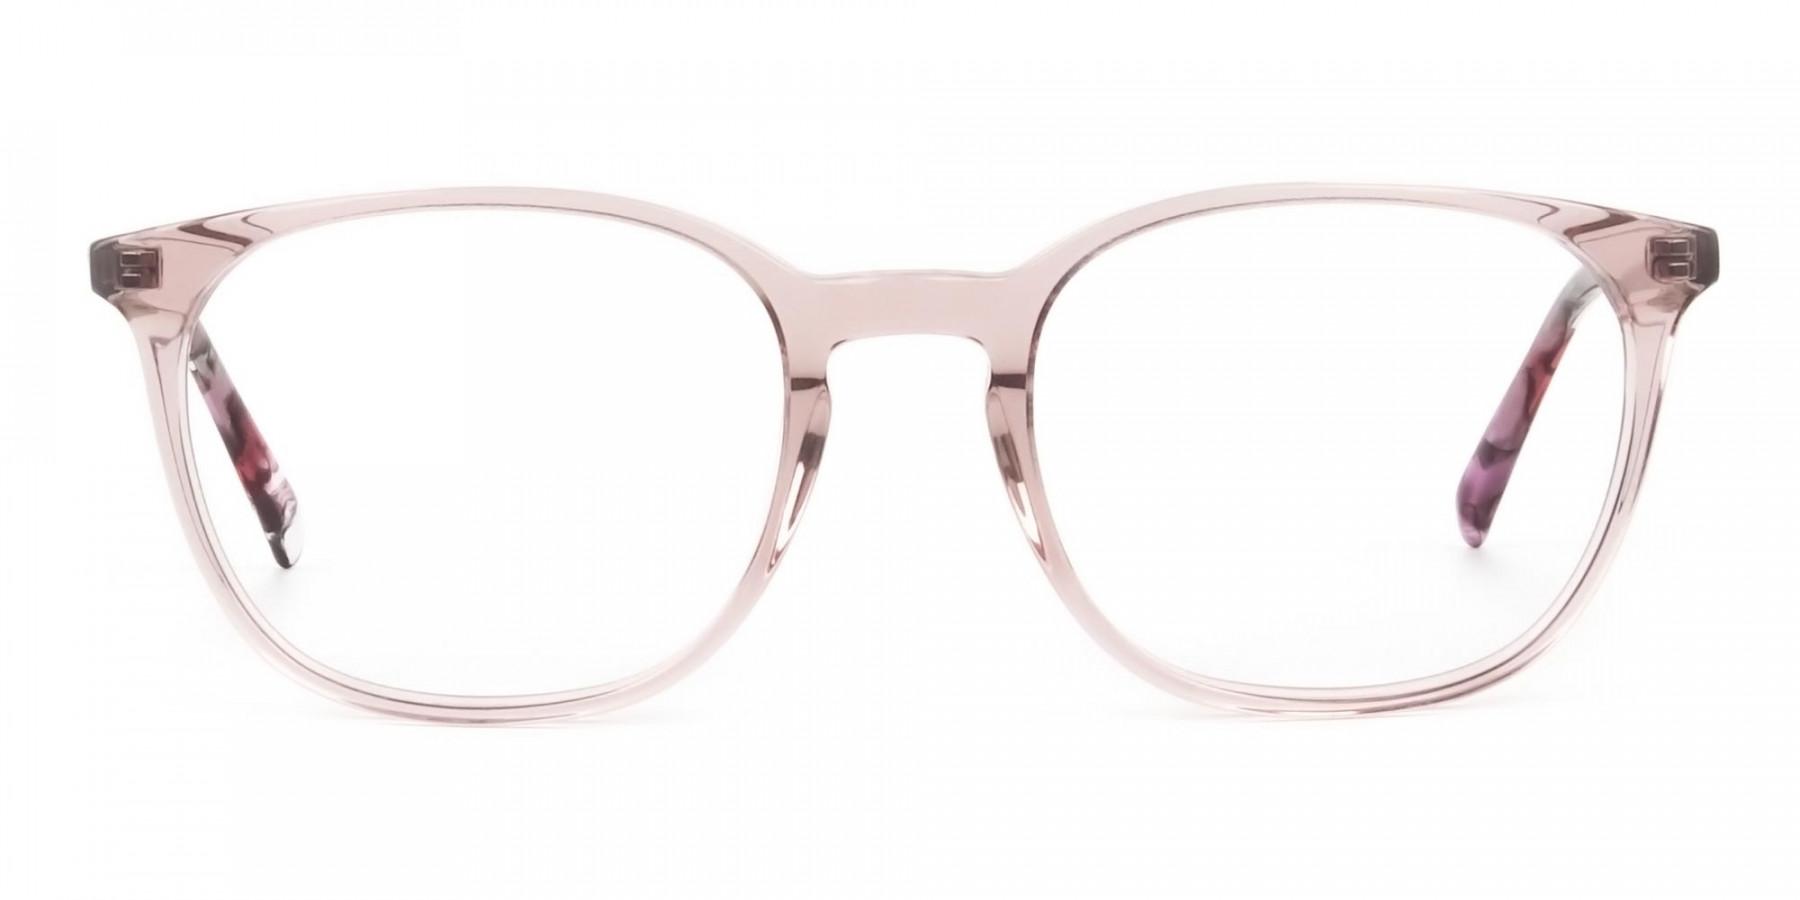 Crystal Pink Eyeglasses in Wayfarer - 1